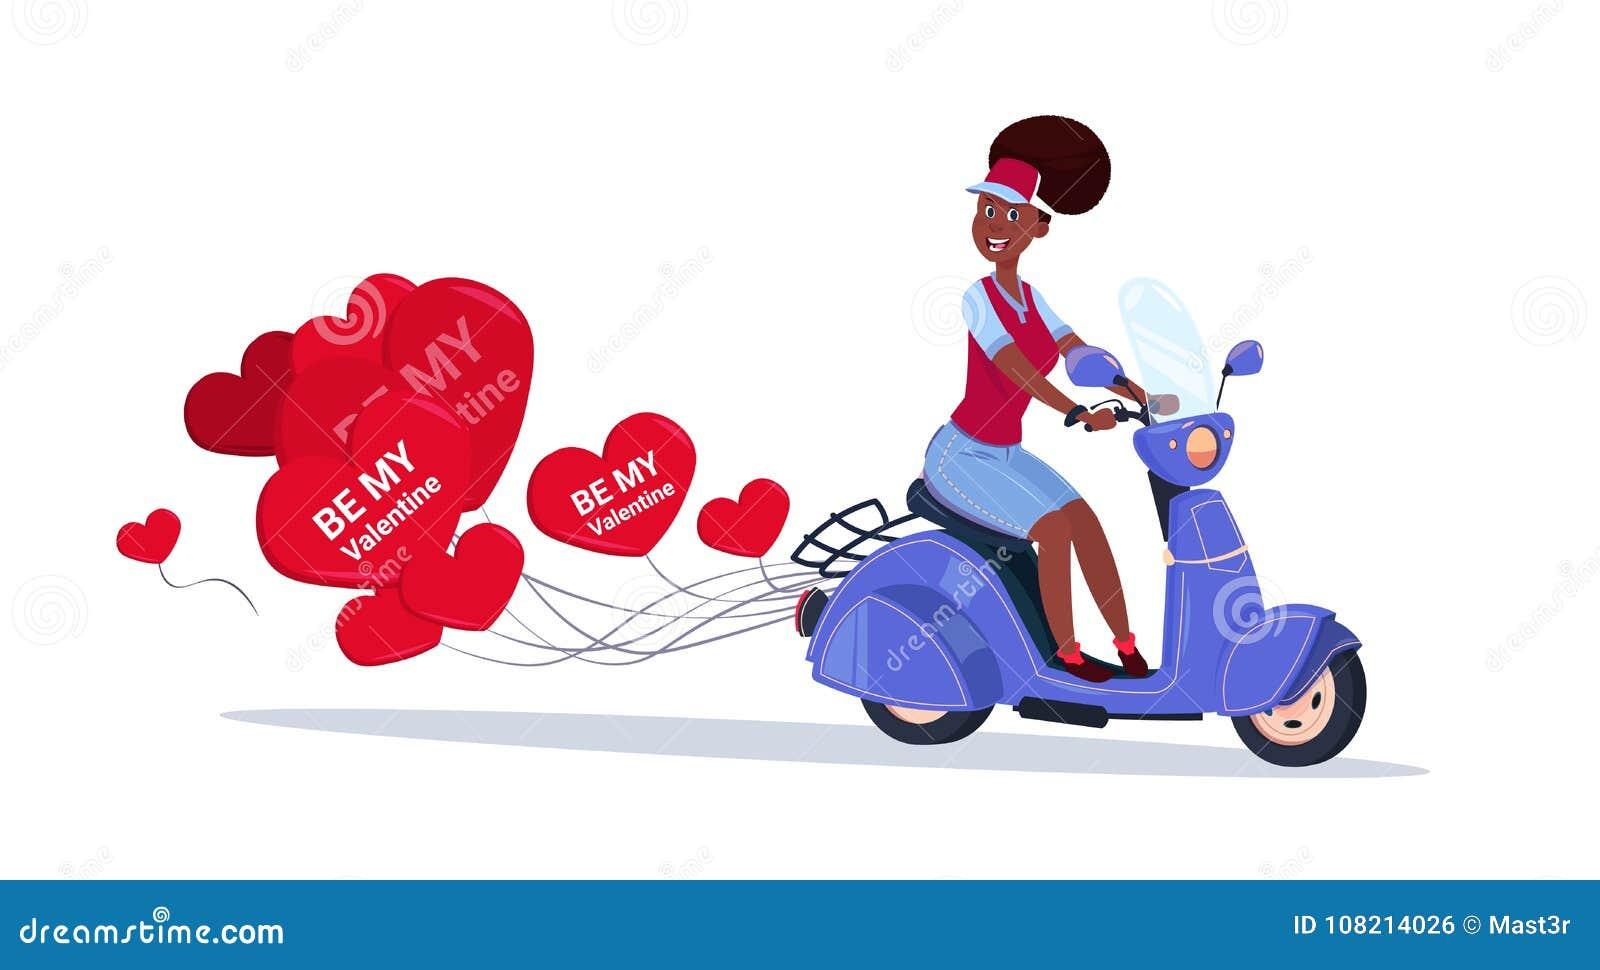 骑有心形的气球愉快的情人节概念的非裔美国人的妇女减速火箭的马达自行车